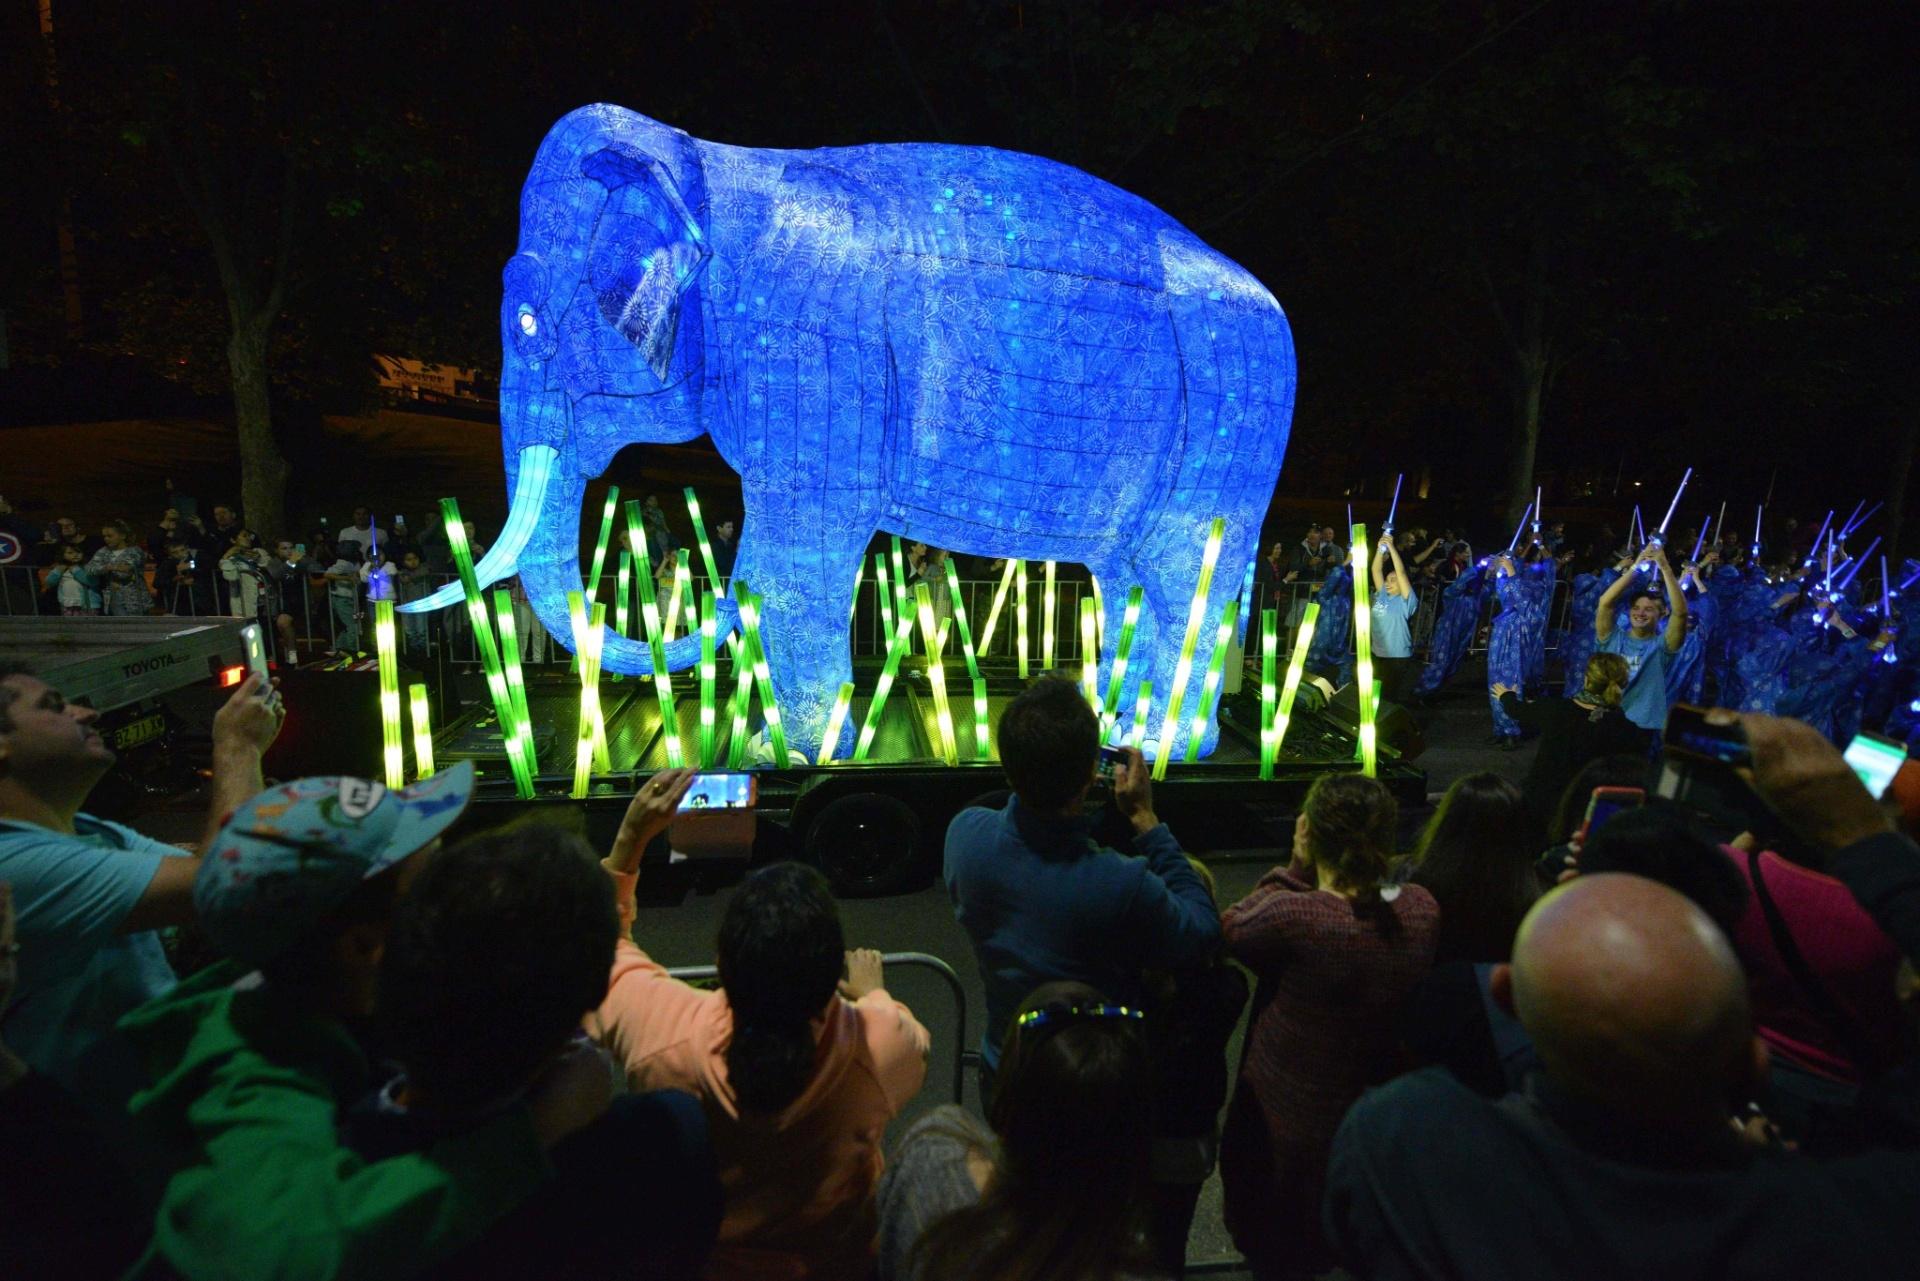 15.out.2016 - O elefante-asiático marcou presença na balada e desfilou na parada que celebra o 100º aniversário do zoológico de Taronga, em Sydney, na Austrália